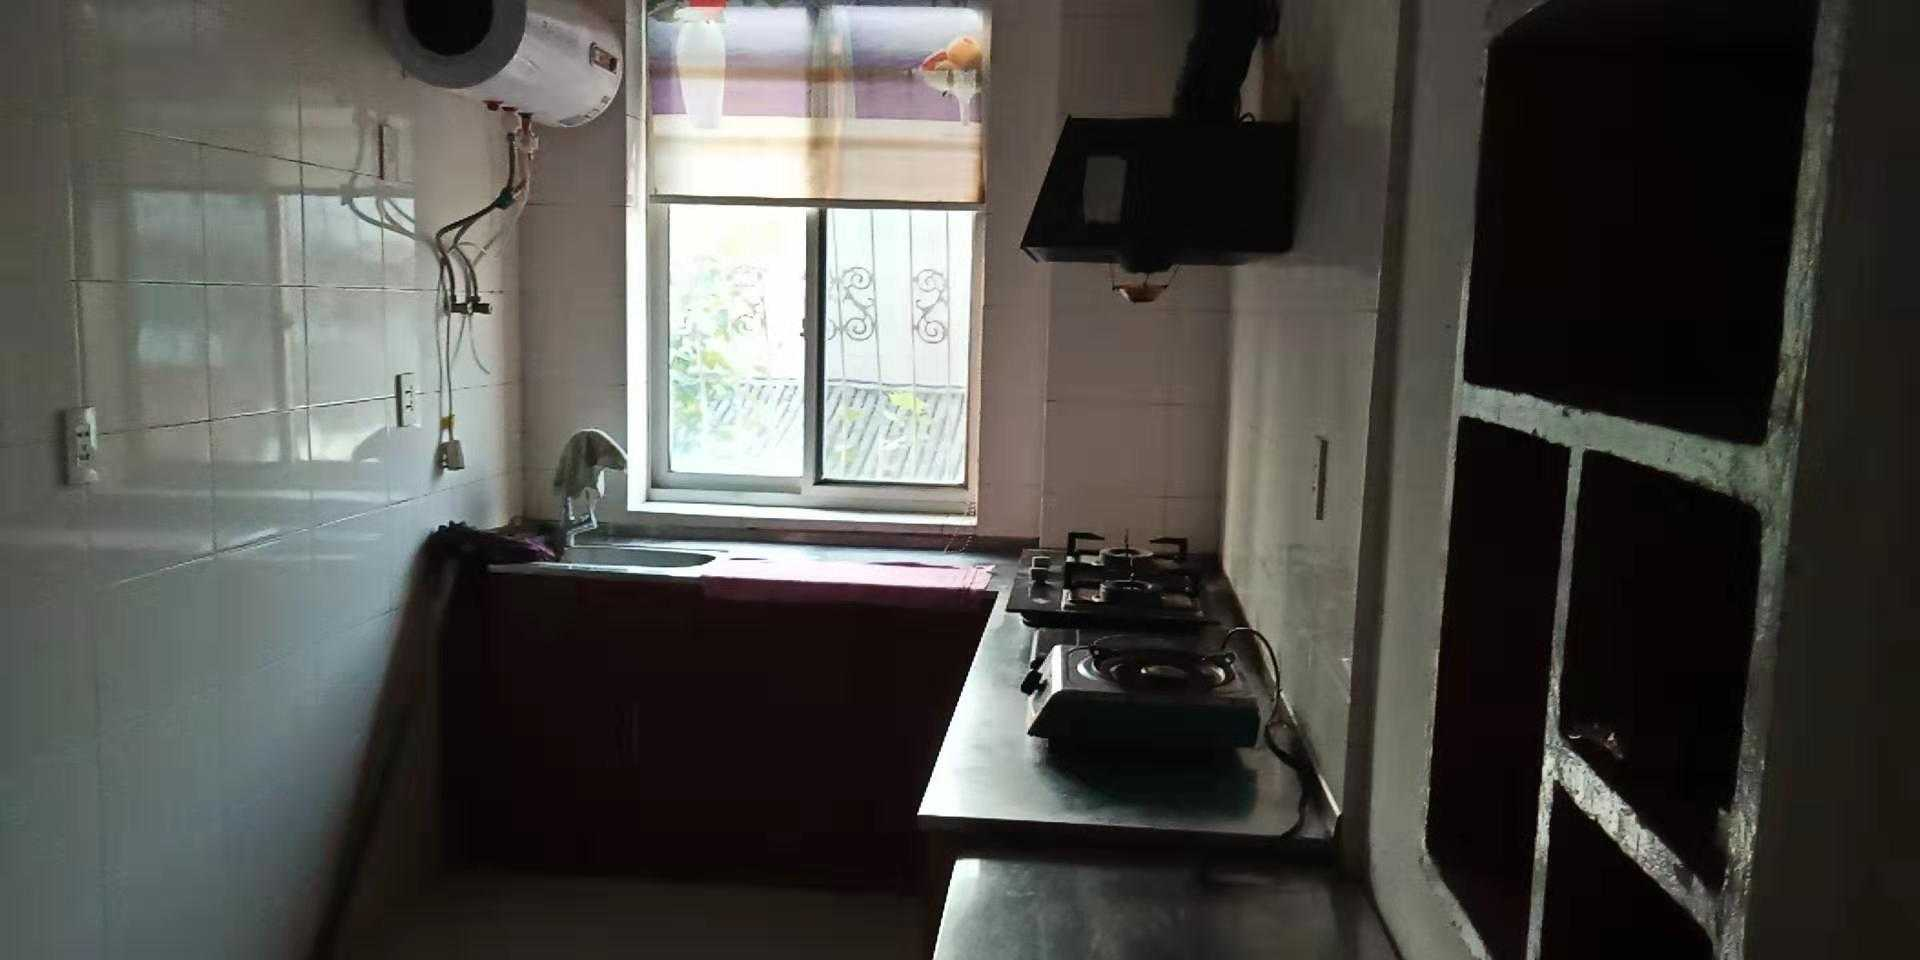 0907出租东前街,二室一厅一厨一卫,装修清爽,两只空调,电视机,热水器,煤气灶,油烟机。1100/月,一年起租。的实拍照片